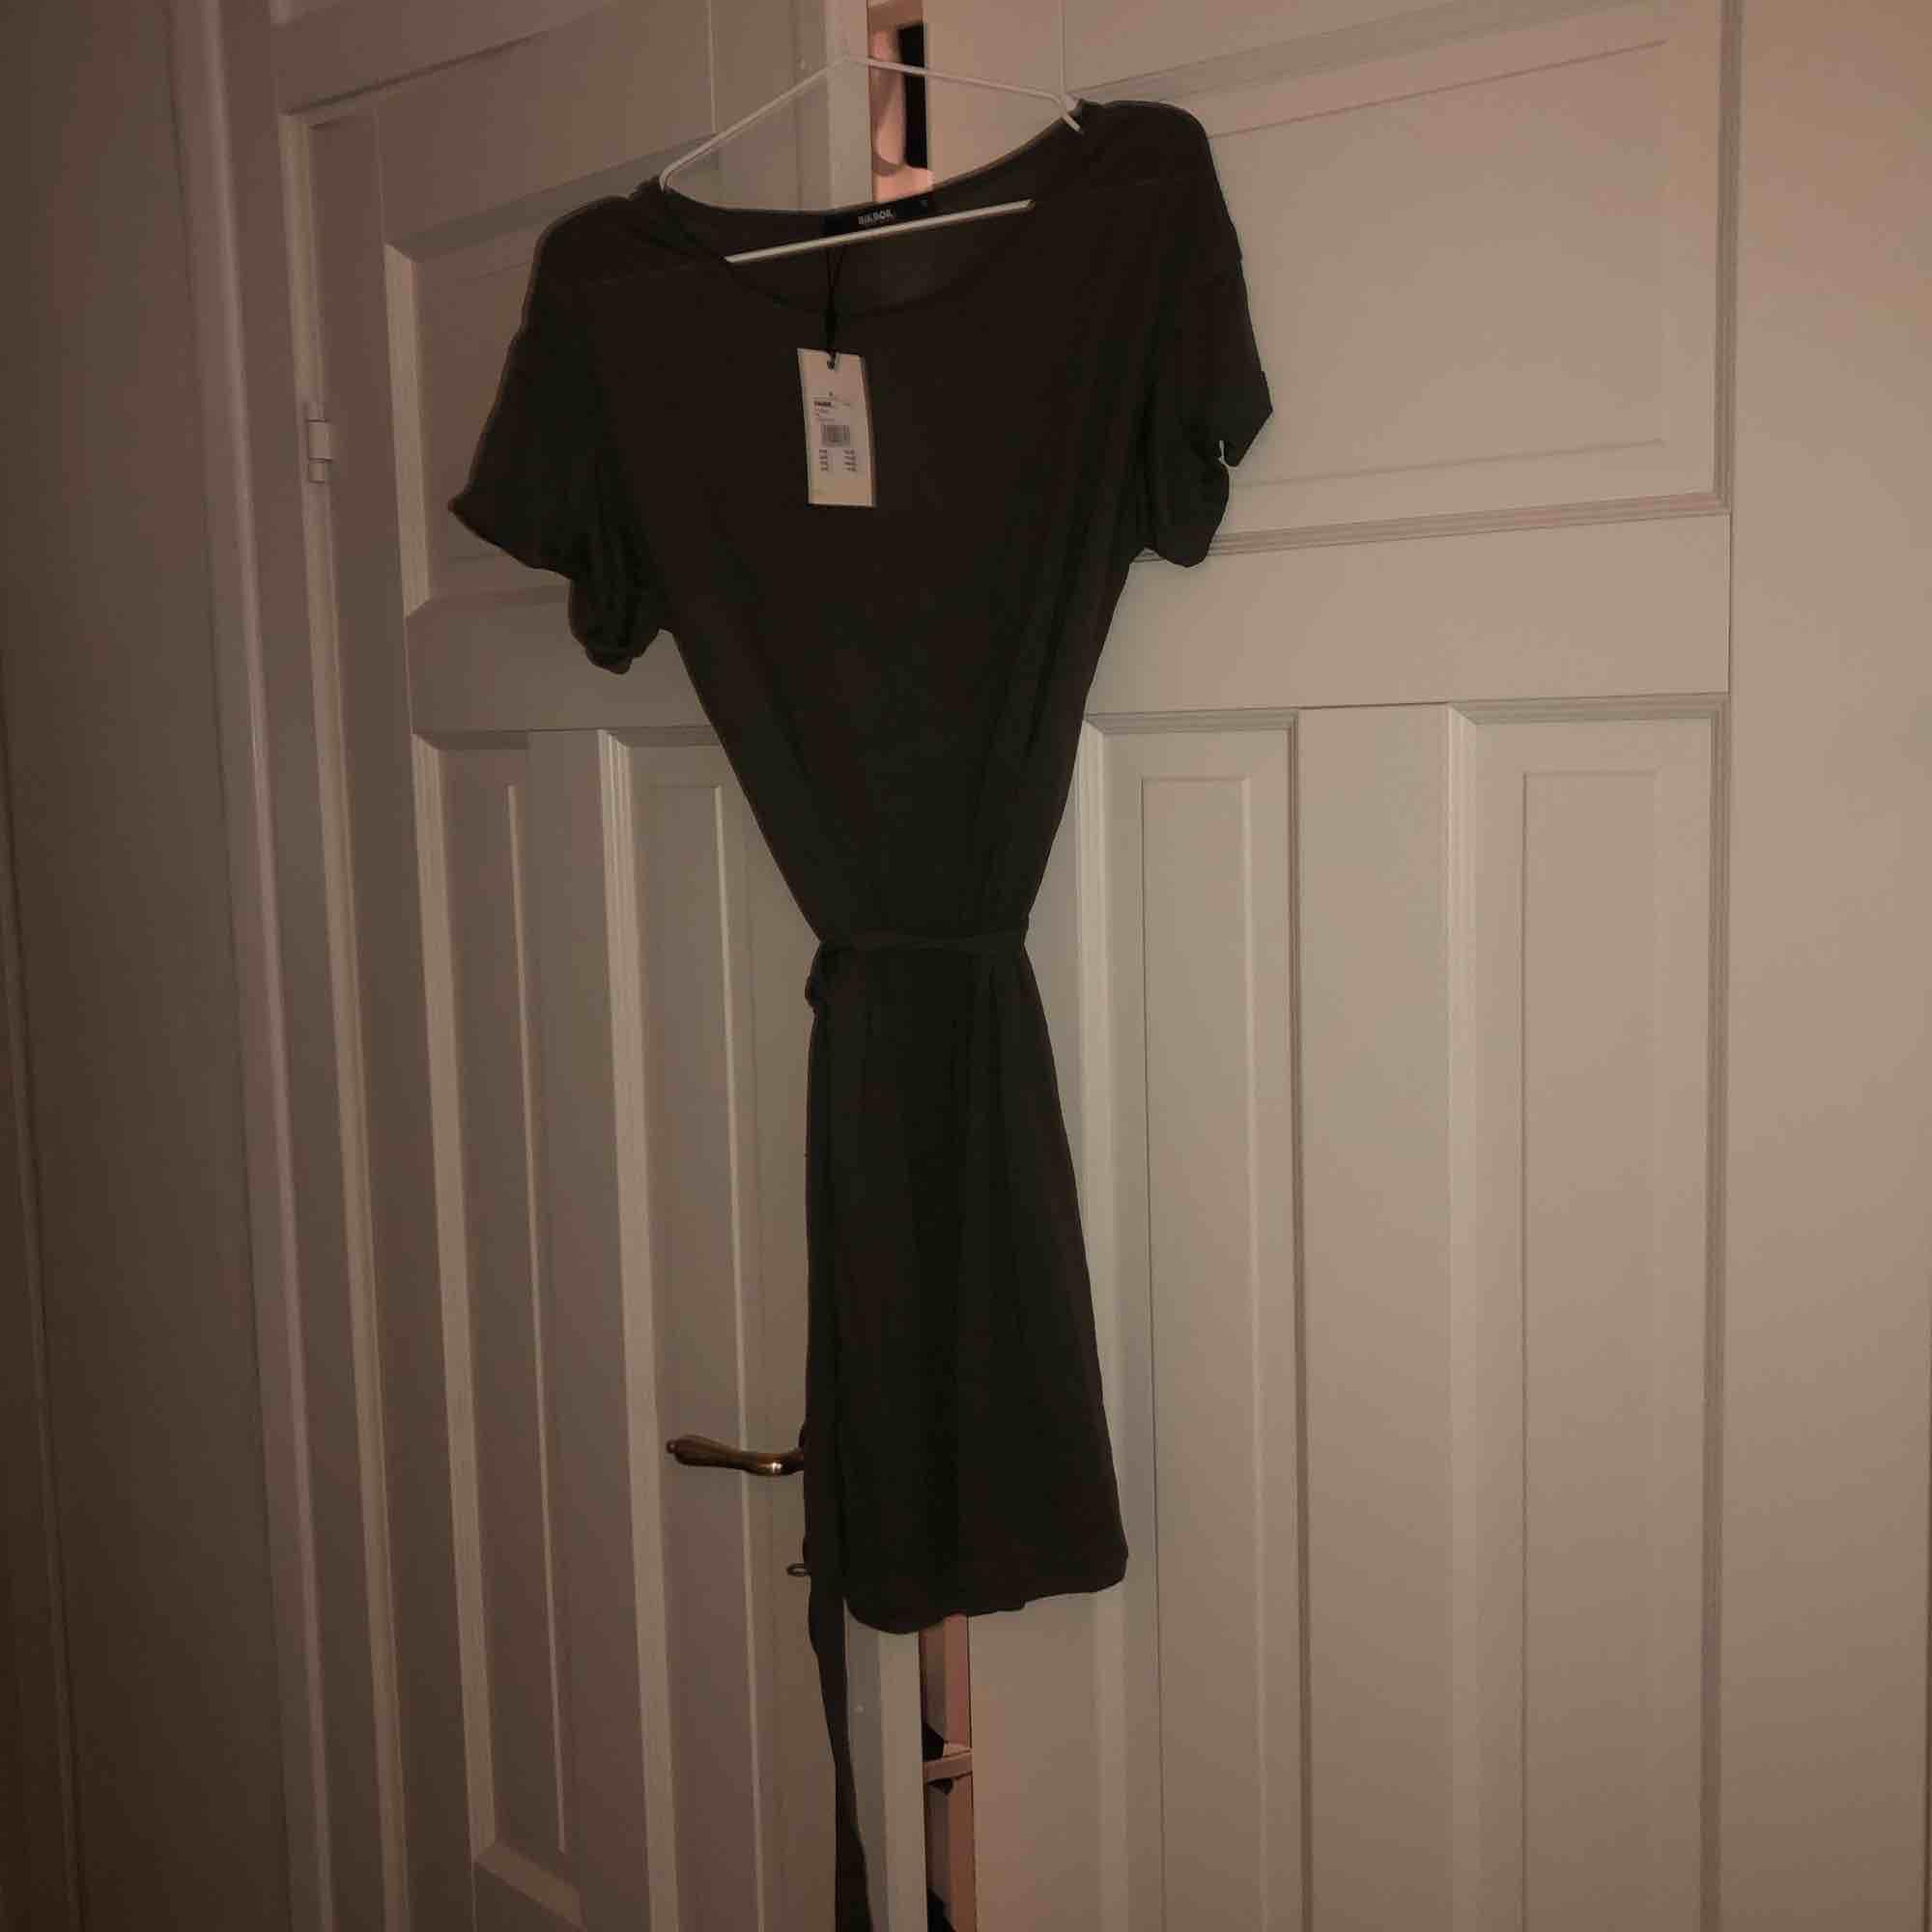 Oanvänd grön, slapp klänning från Bikbok. Jätteskönt material men den kommer inte till användning. Prislappen kvar med ordinarie pris 199kr. Klänningar.